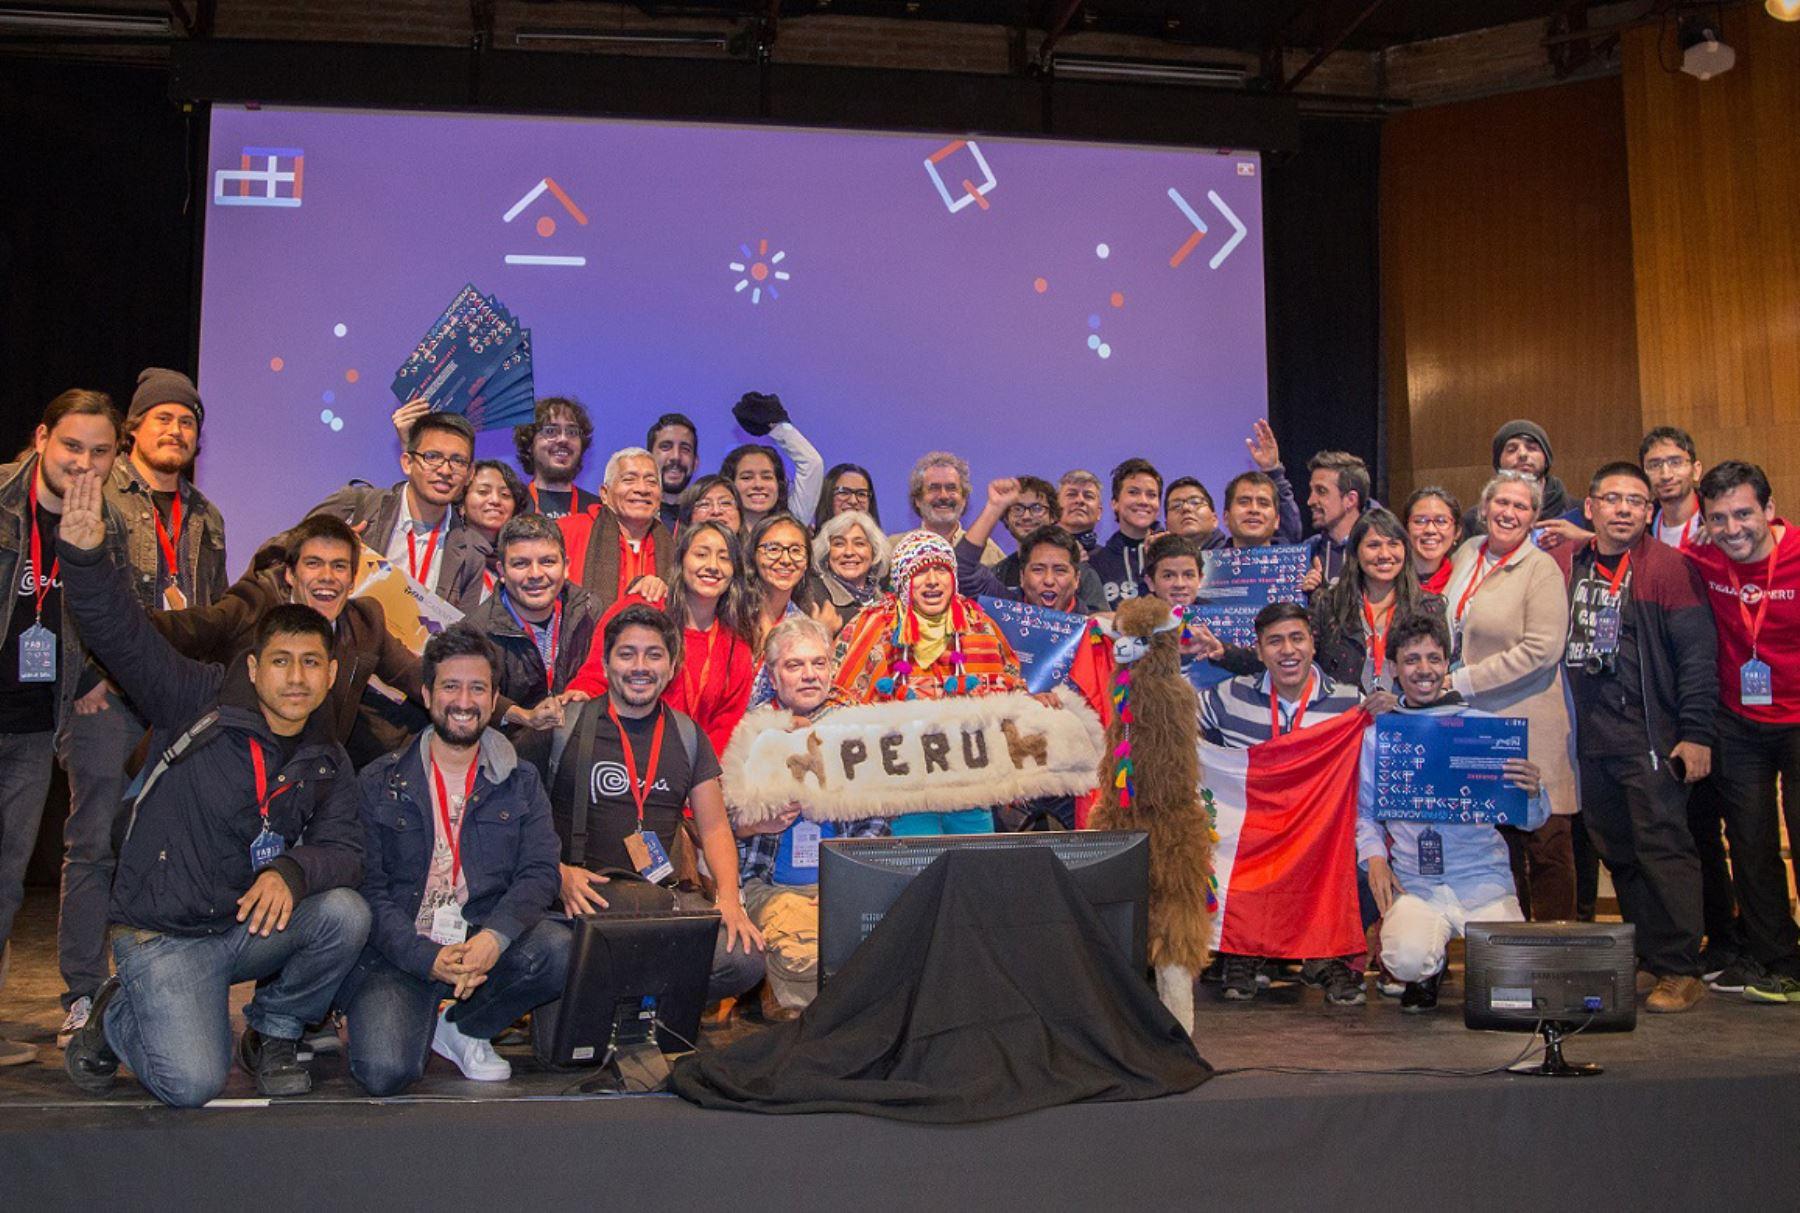 El equipo Open BioFab Lima obtuvo el primer lugar en el International Chevron STEM AWARD–Fab Fundation, cerrando con broche de oro la participación peruana el FAB13, encuentro mundial de fabricación digital e innovación que este año se realizó en Santiago de Chile del 31 de julio al 6 de agosto, informó PROMPERÚ.